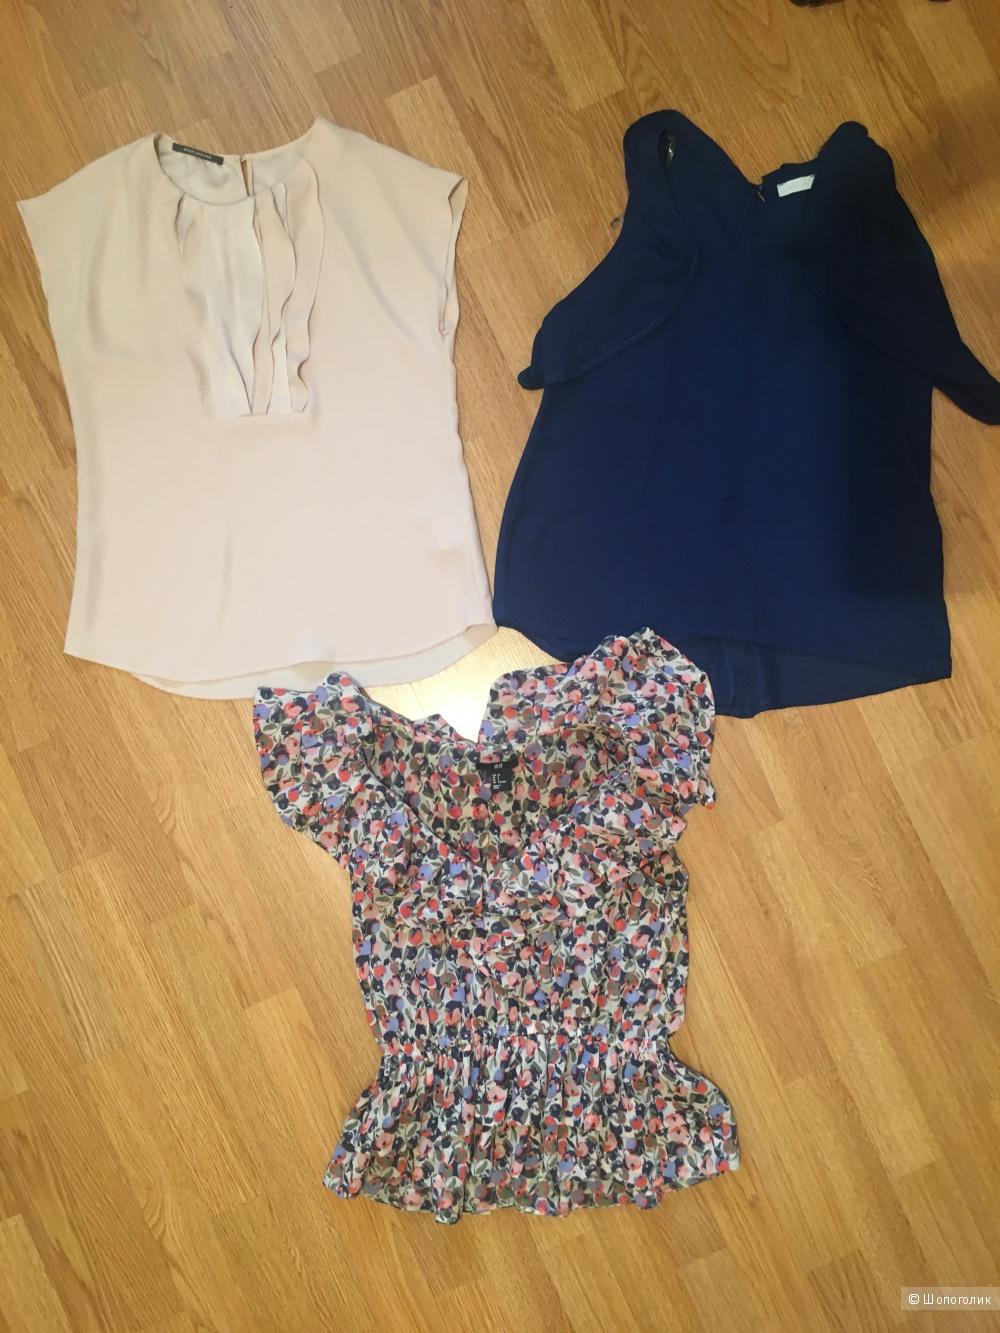 Сет из блузок, H&M, Rene lezart, размер S